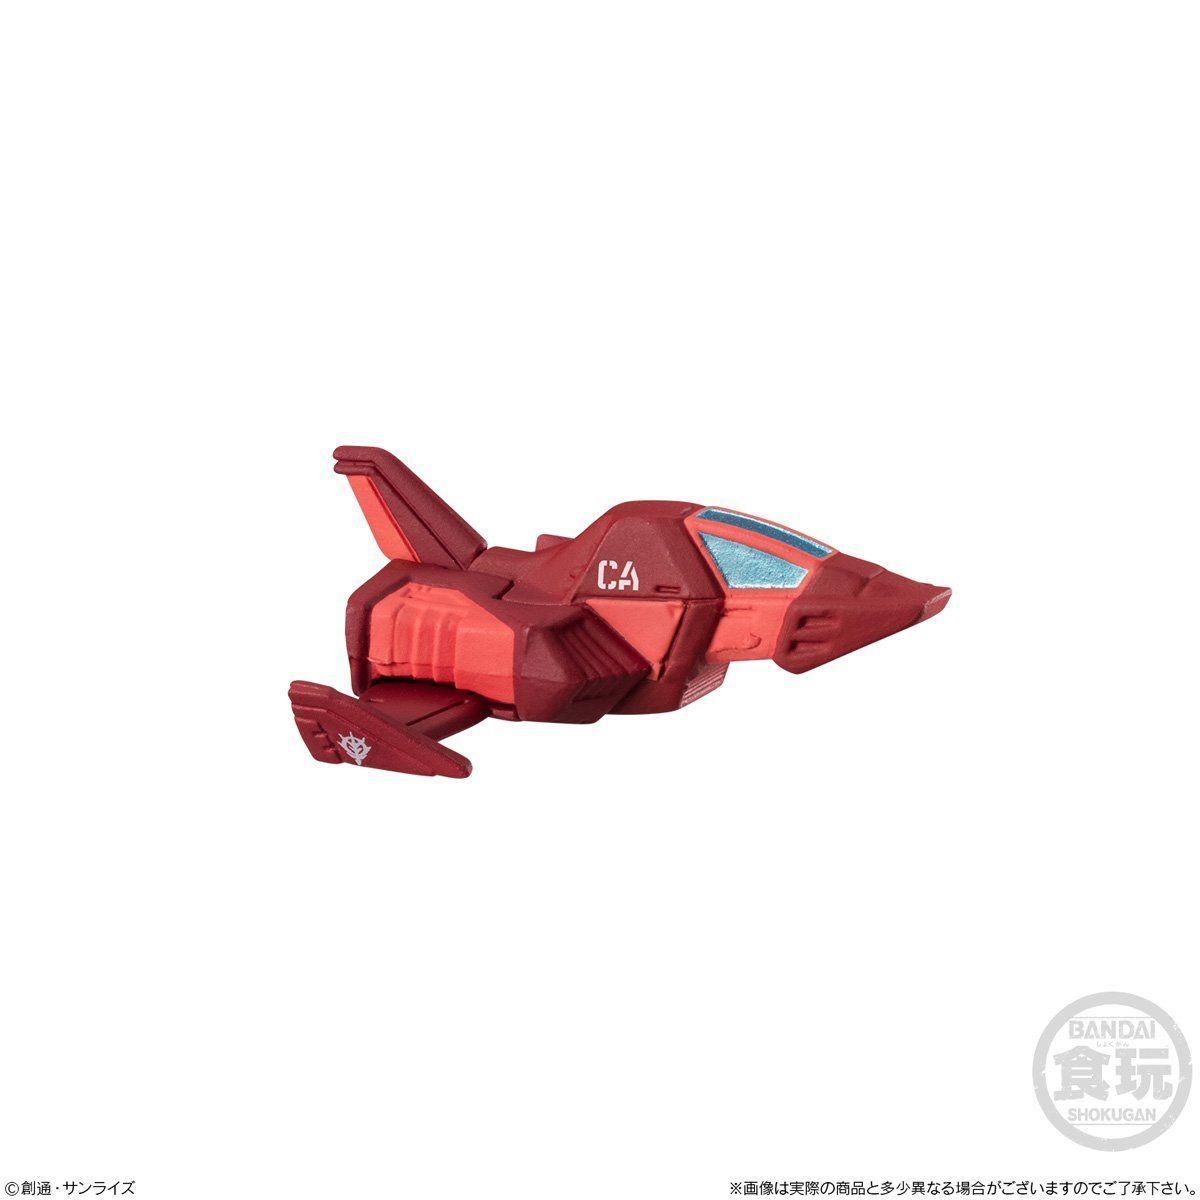 【限定販売】【食玩】FW GUNDAM CONVERGE:CORE『キャスバル専用ガンダム』ギレンの野望 完成品フィギュア-008